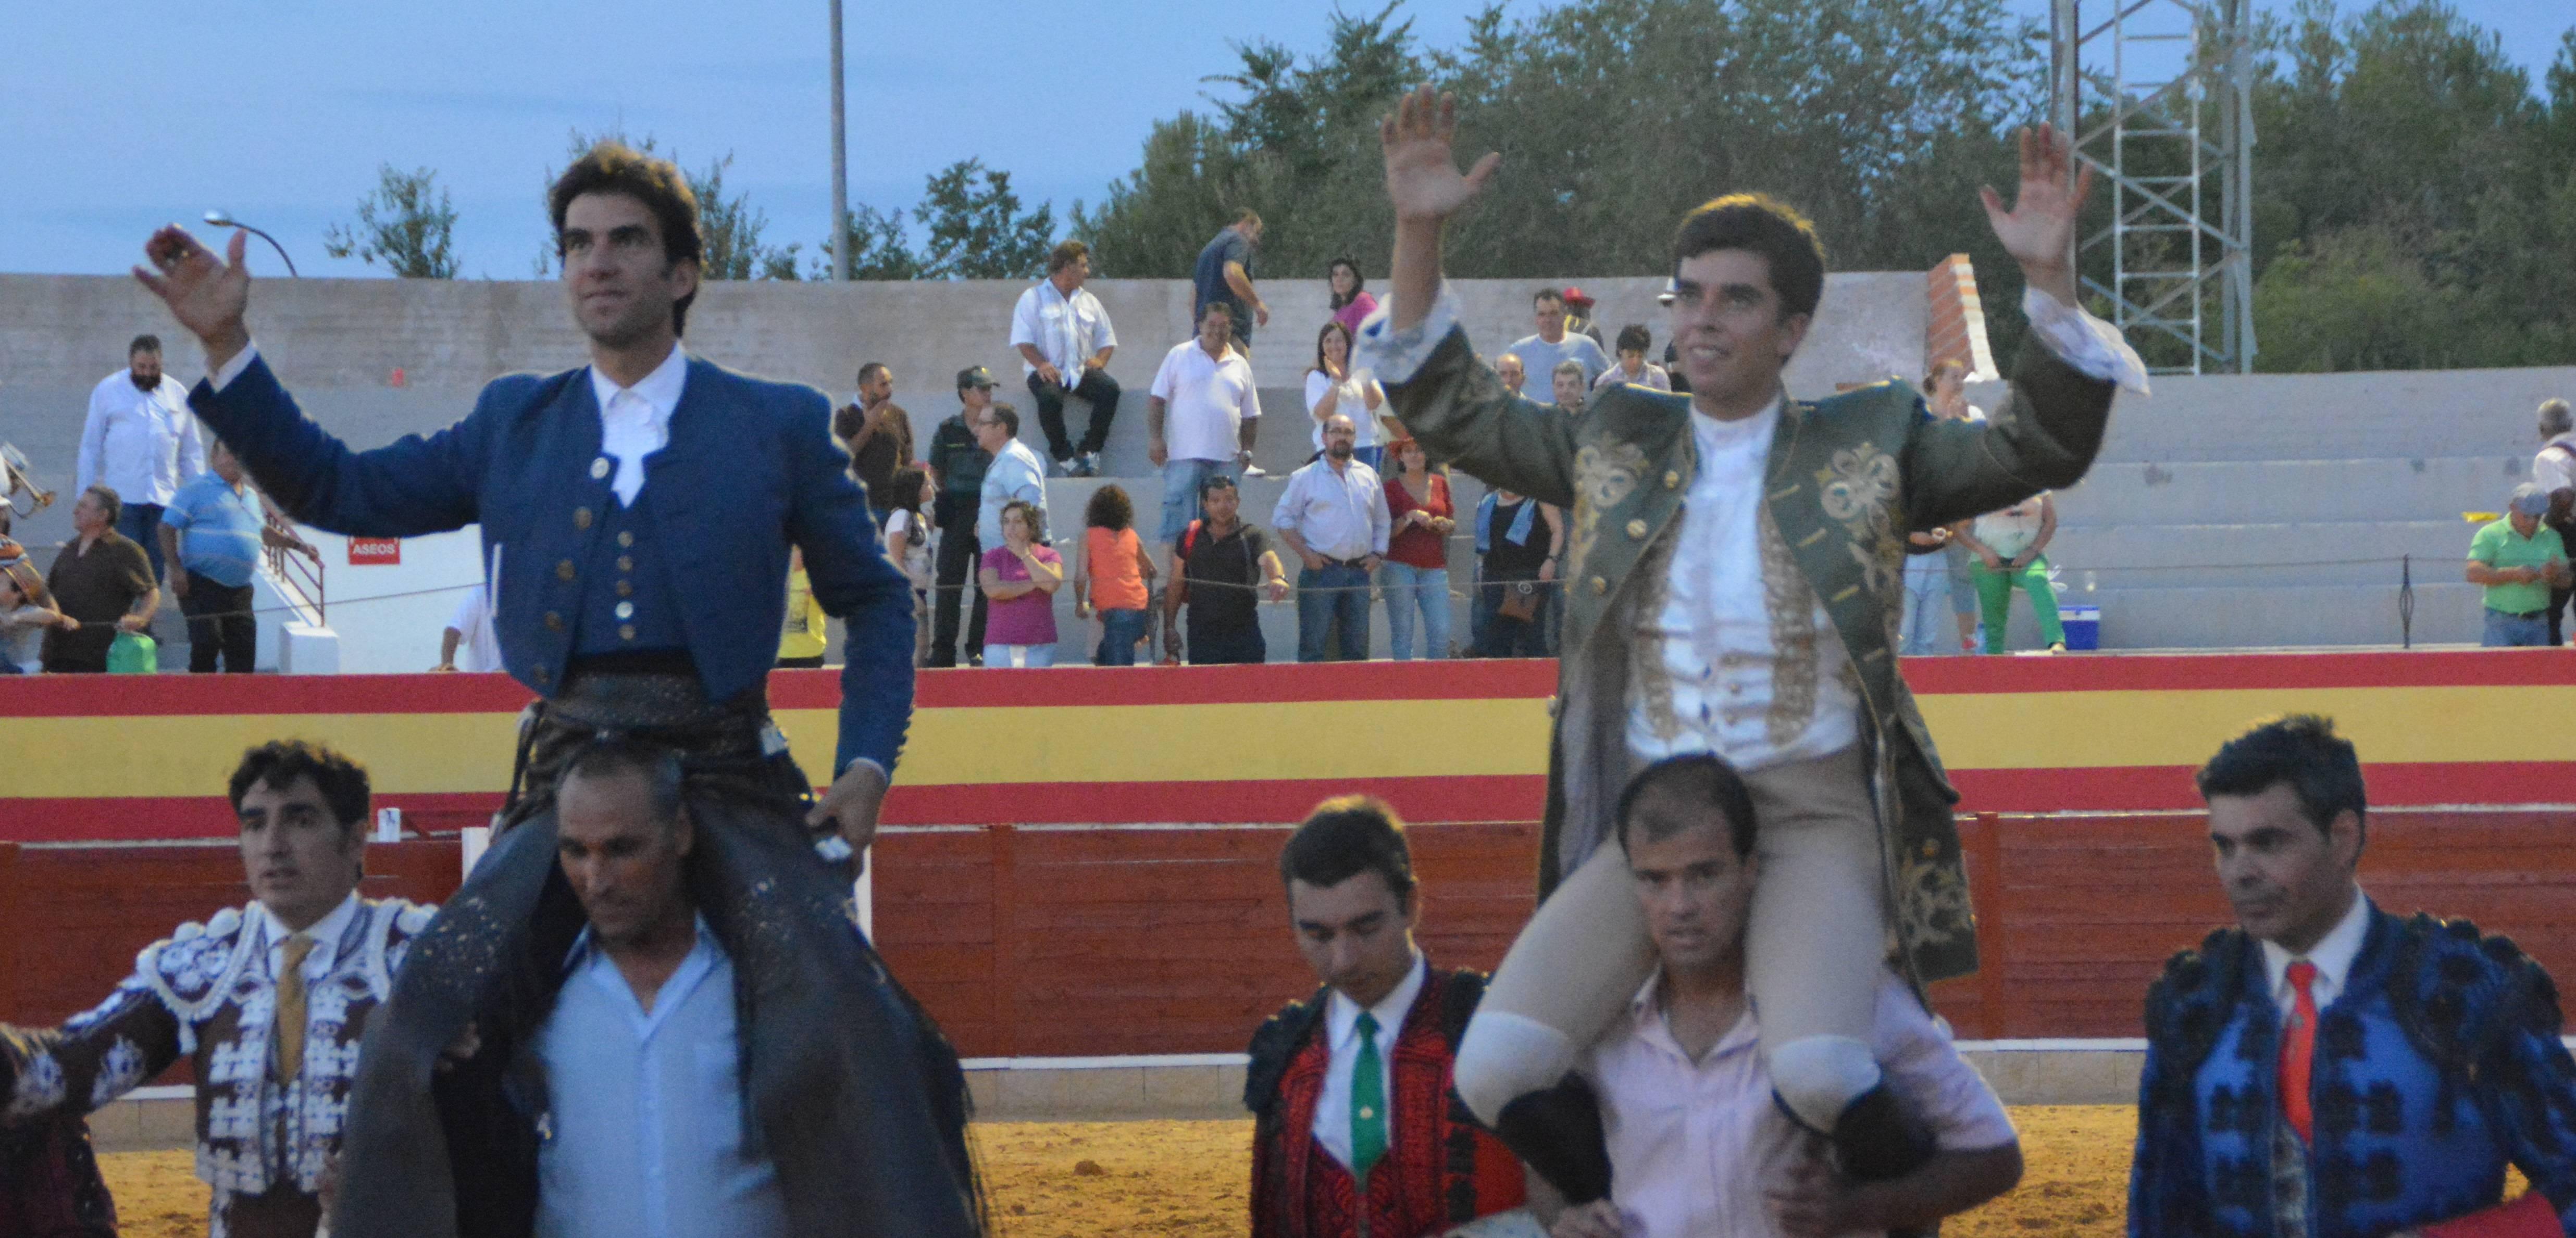 Toros en Herencia en la Feria y Fiestas de 2014. Foto de Archivo Herencia.net